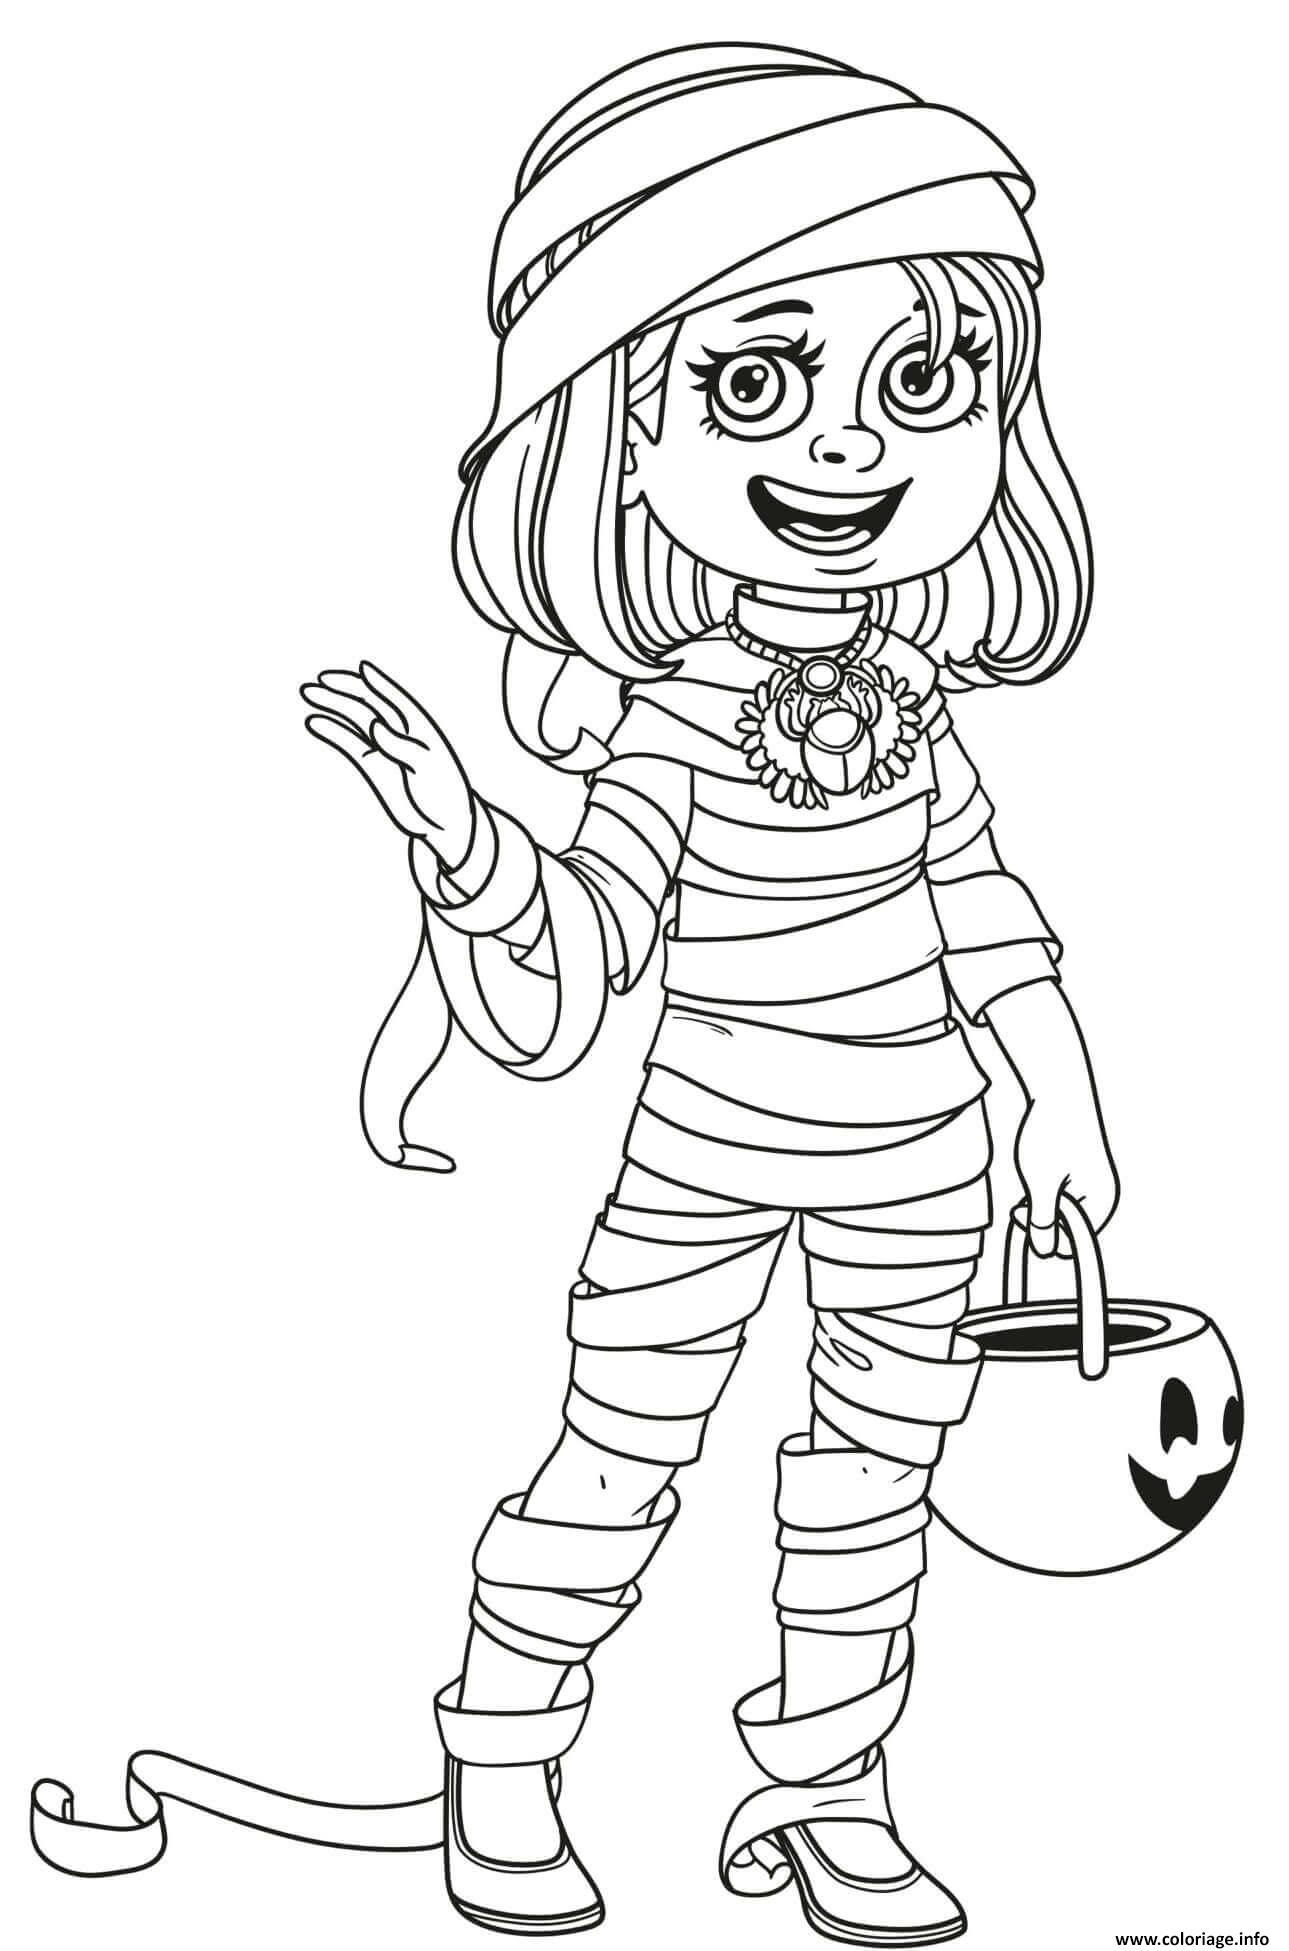 Dessin halloween fille en costume de momie Coloriage Gratuit à Imprimer